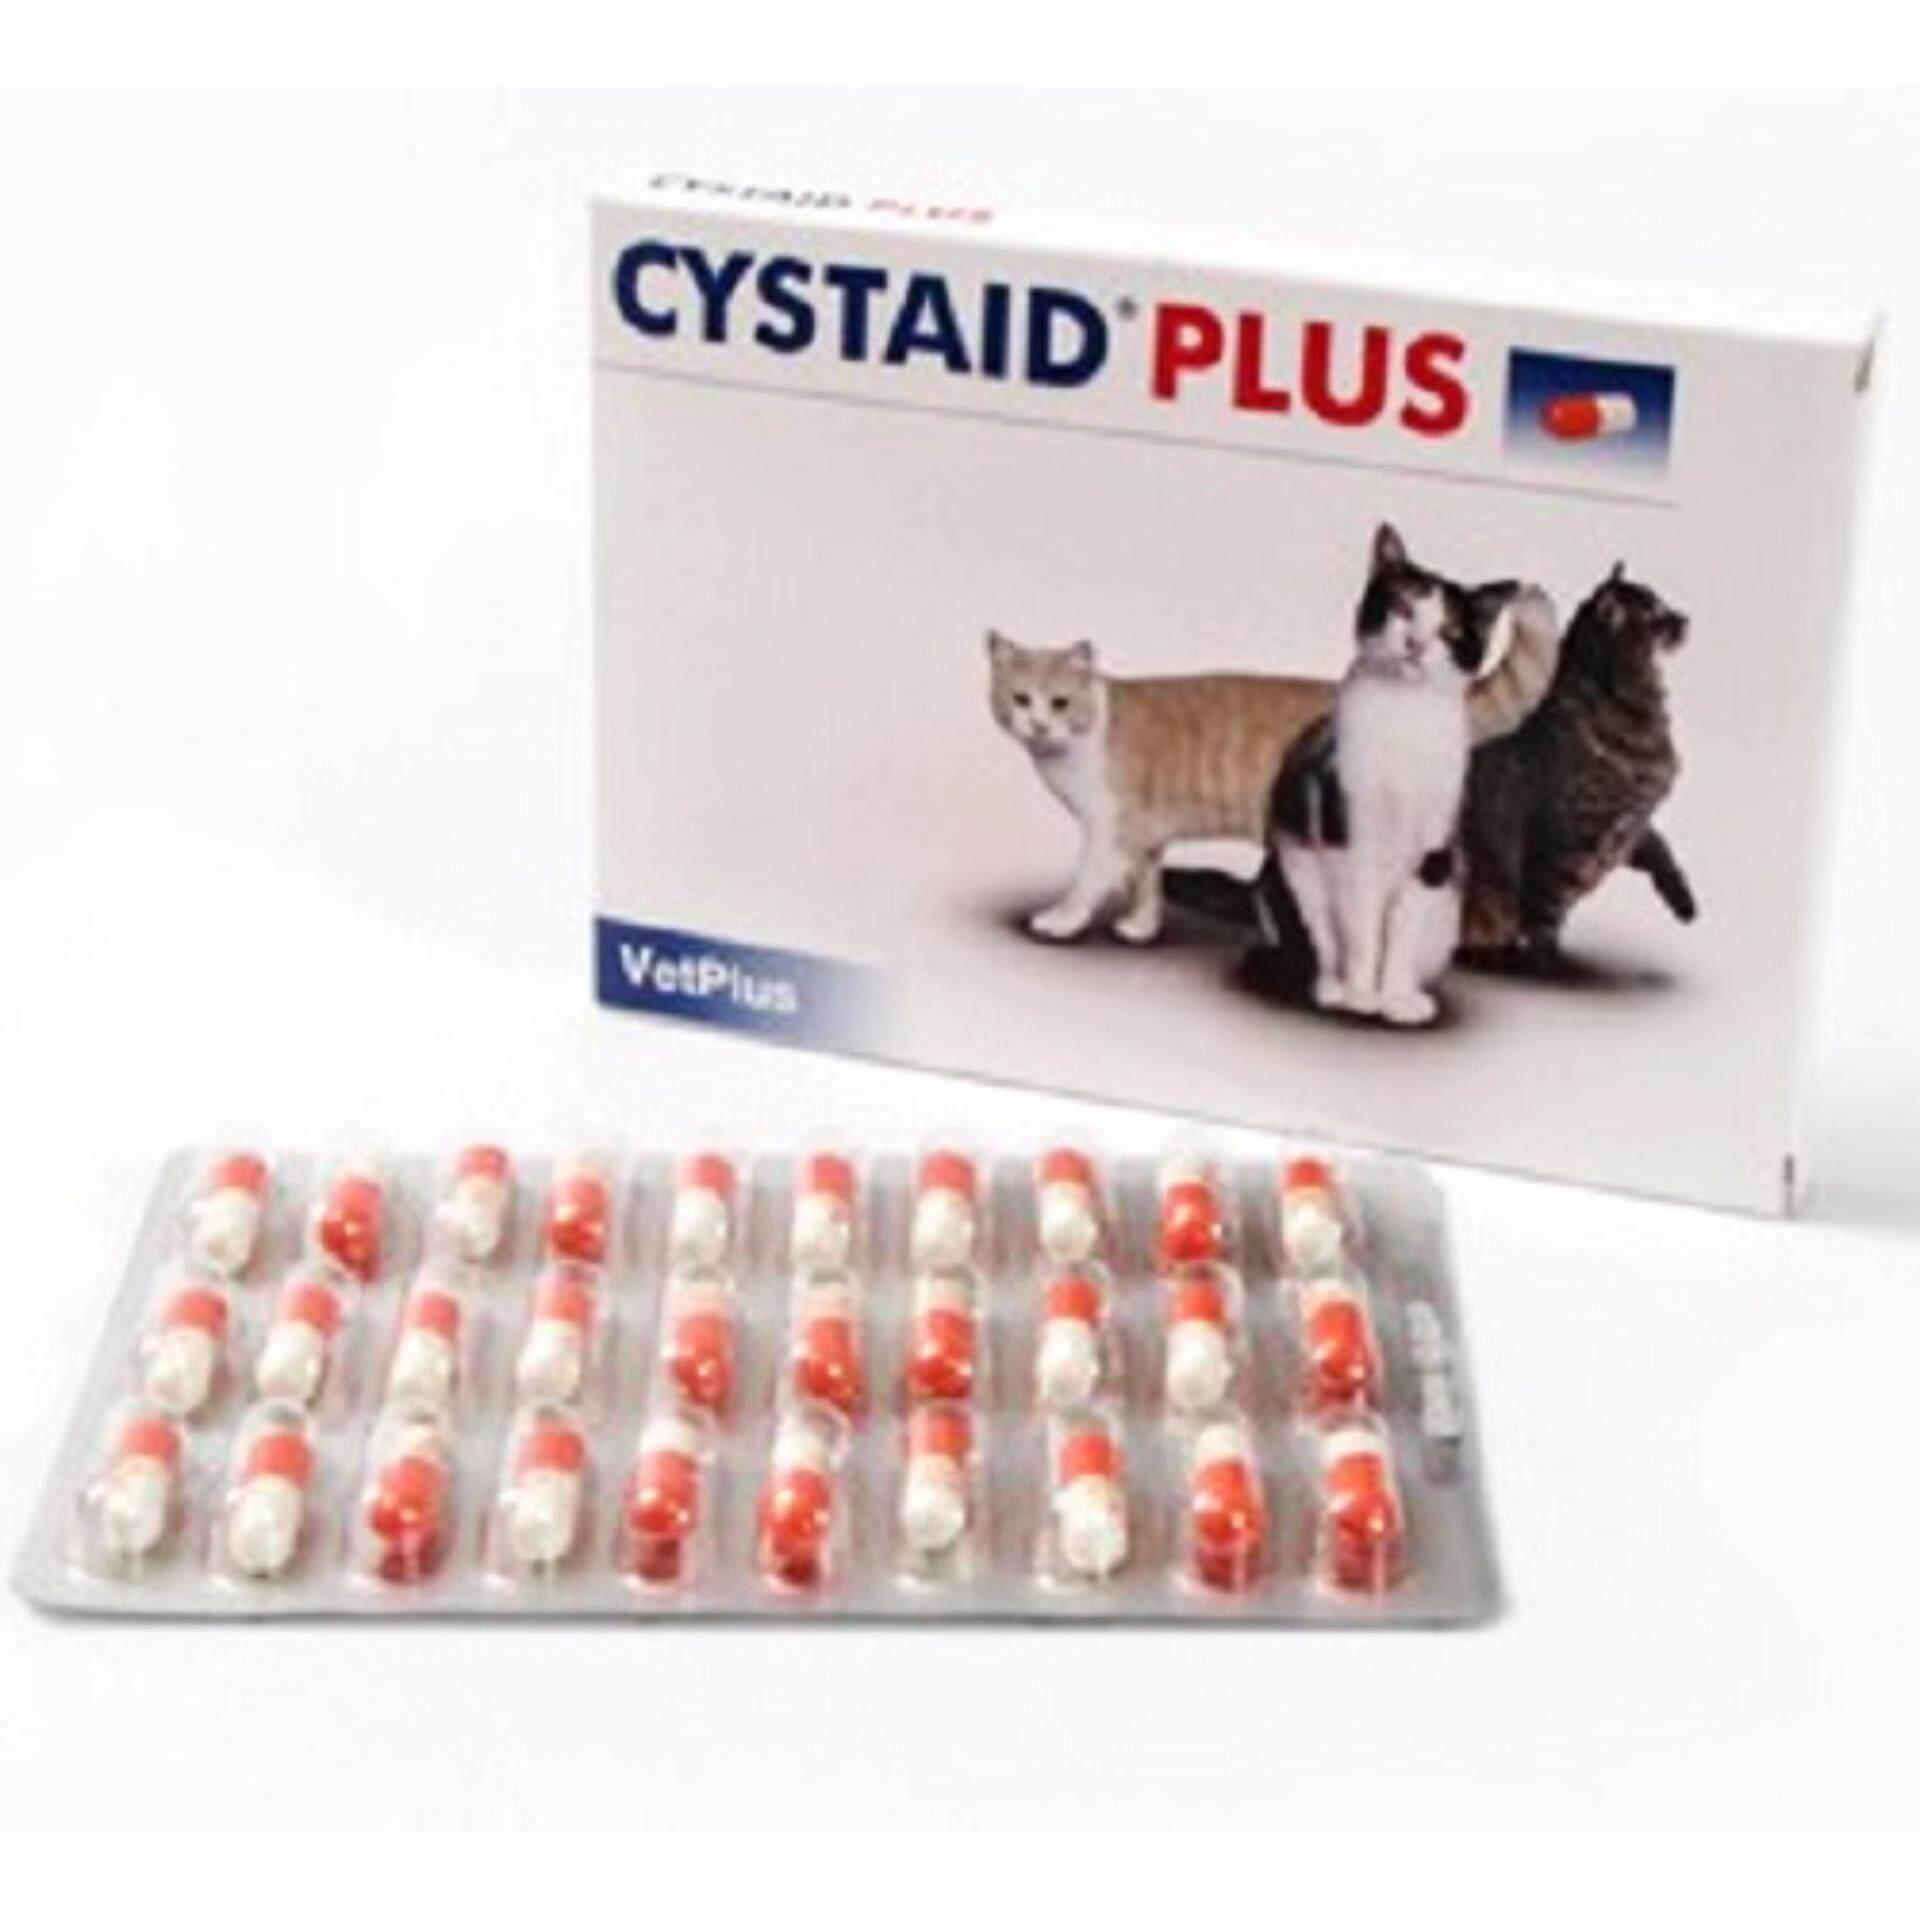 ขายดีมาก! Cystaid Plus CAT (30 แคปซูล) อาหารเสริมแมว โรคระบบทางเดินปัสสาวะ  EXP: 04/2020 +ส่งฟรี KERRY+